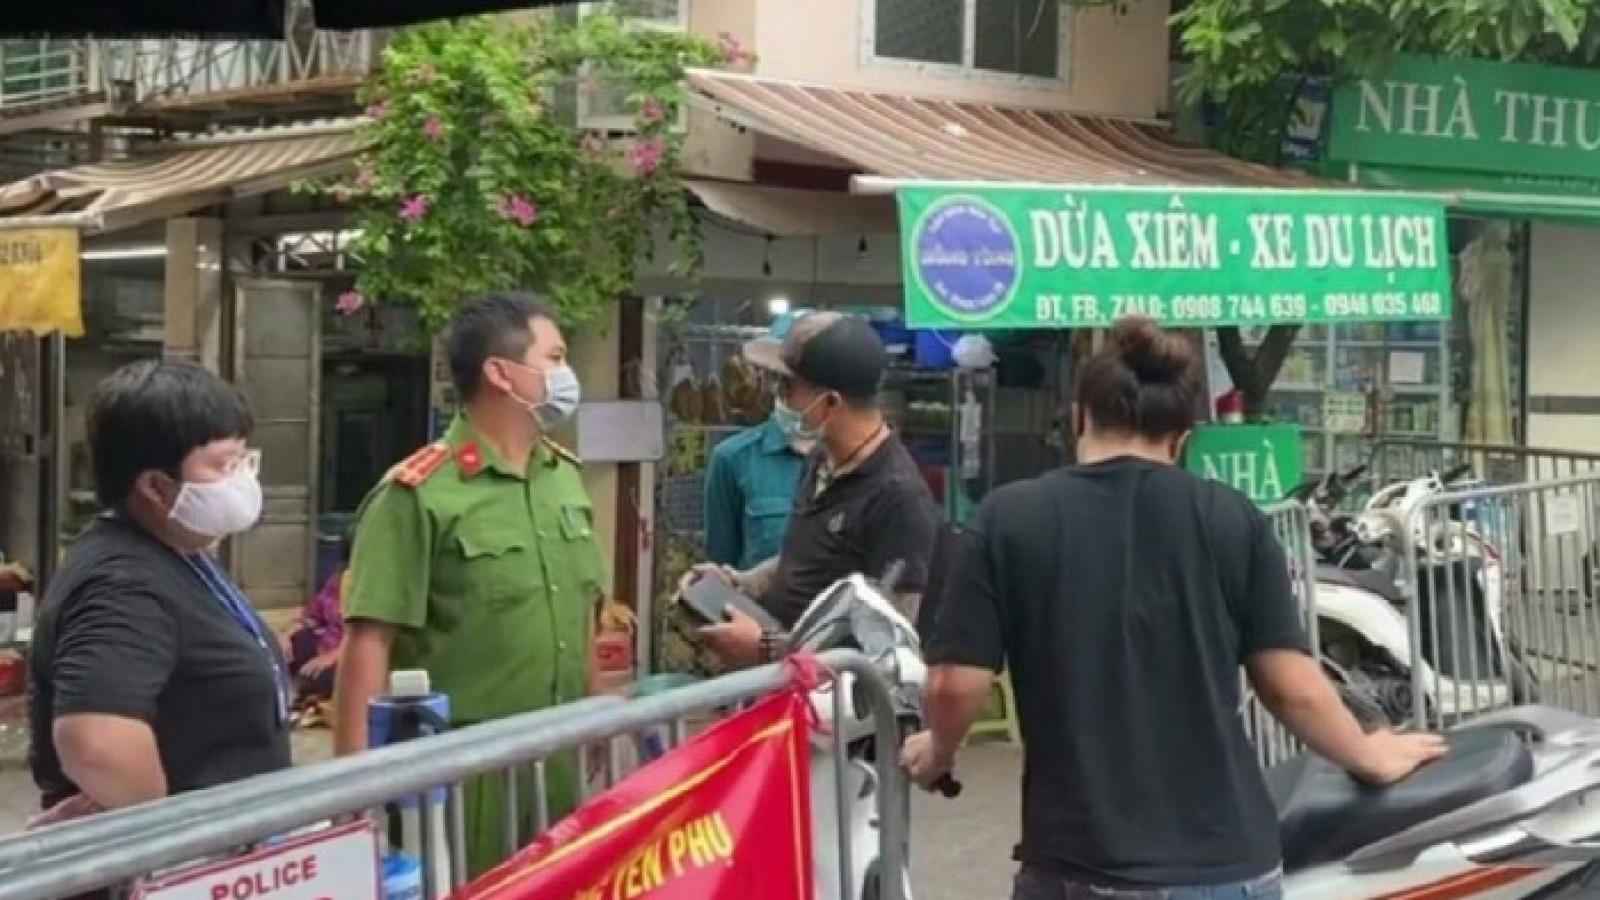 Phạt hai vợ chồng chống đối công an ở chốt kiểm dịch chợ Yên Phụ 6 triệu đồng